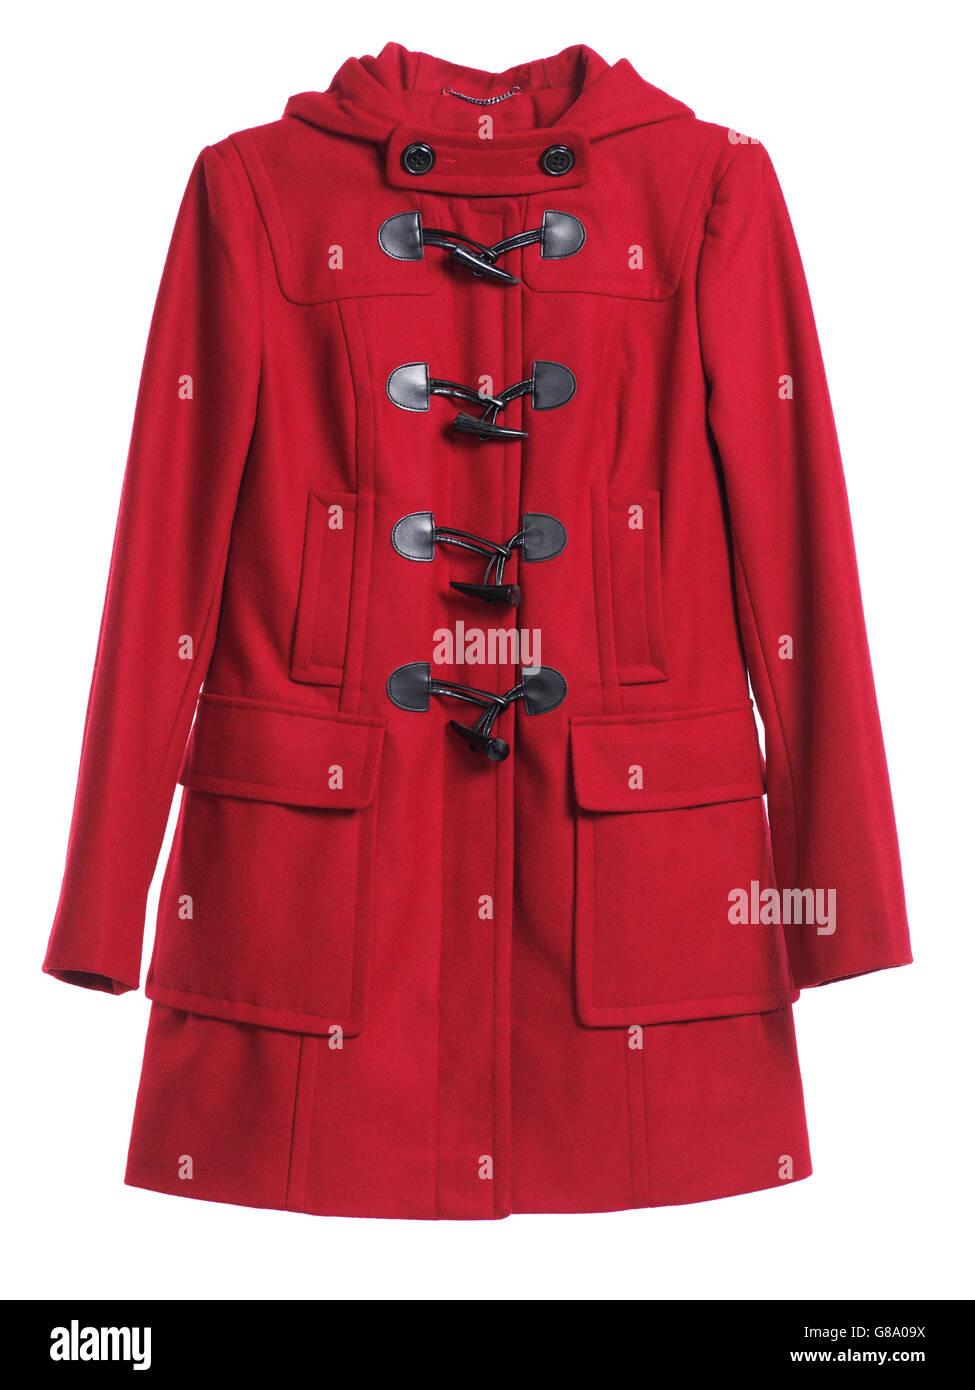 Red lady's coat, duffle coat Imagen De Stock